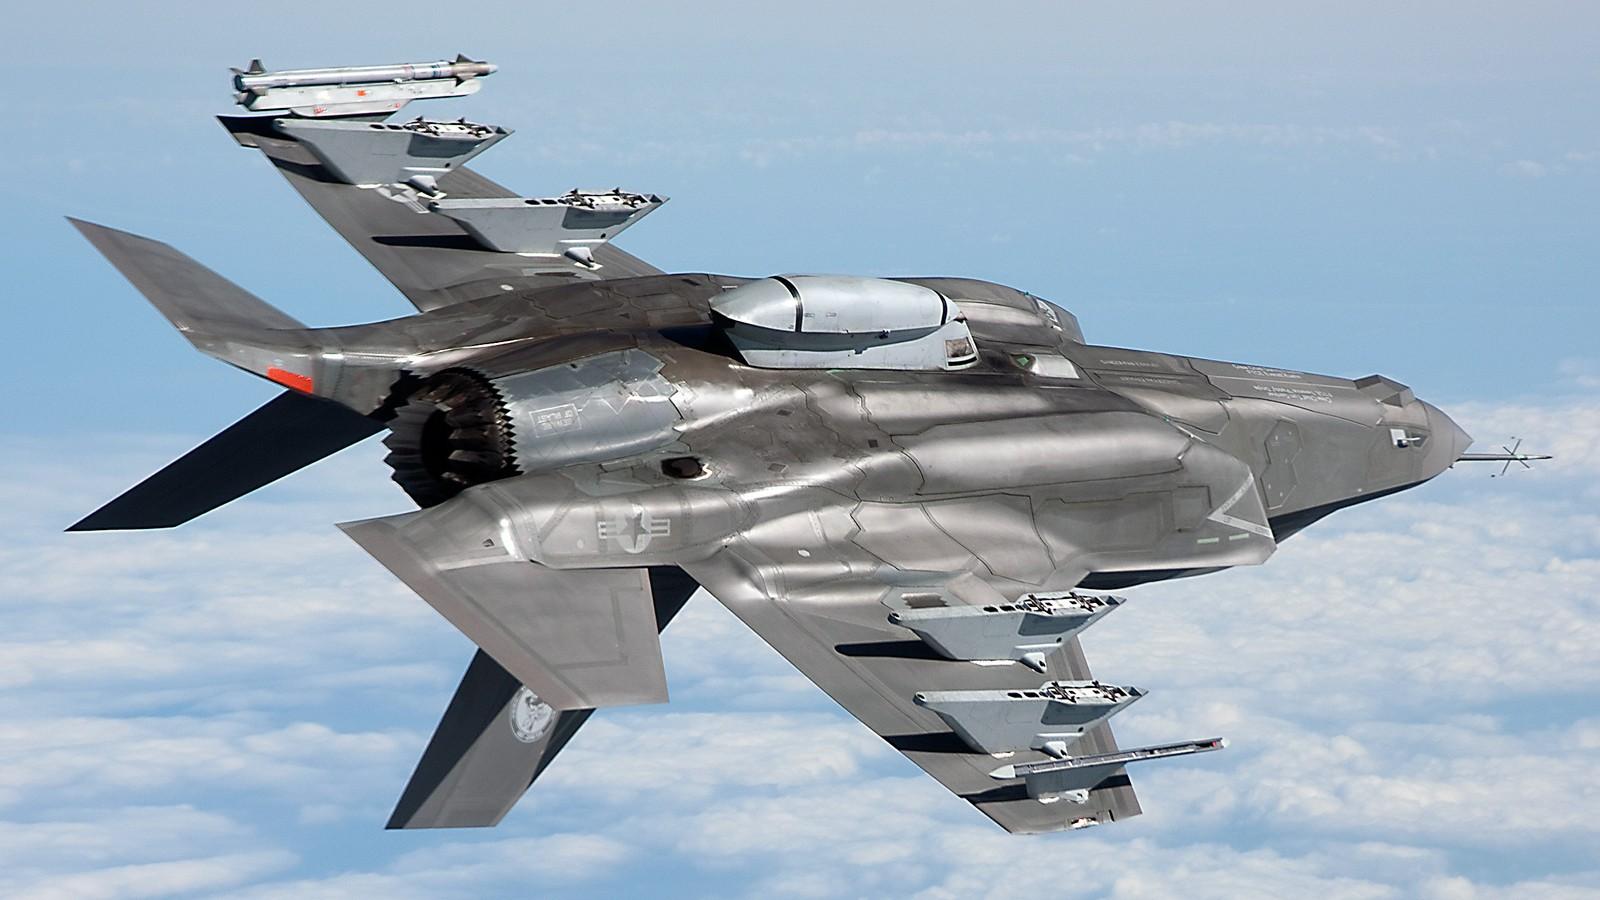 Hình nền : Xe, Máy bay, phi cơ, Máy bay quân sự, Dassault Rafale